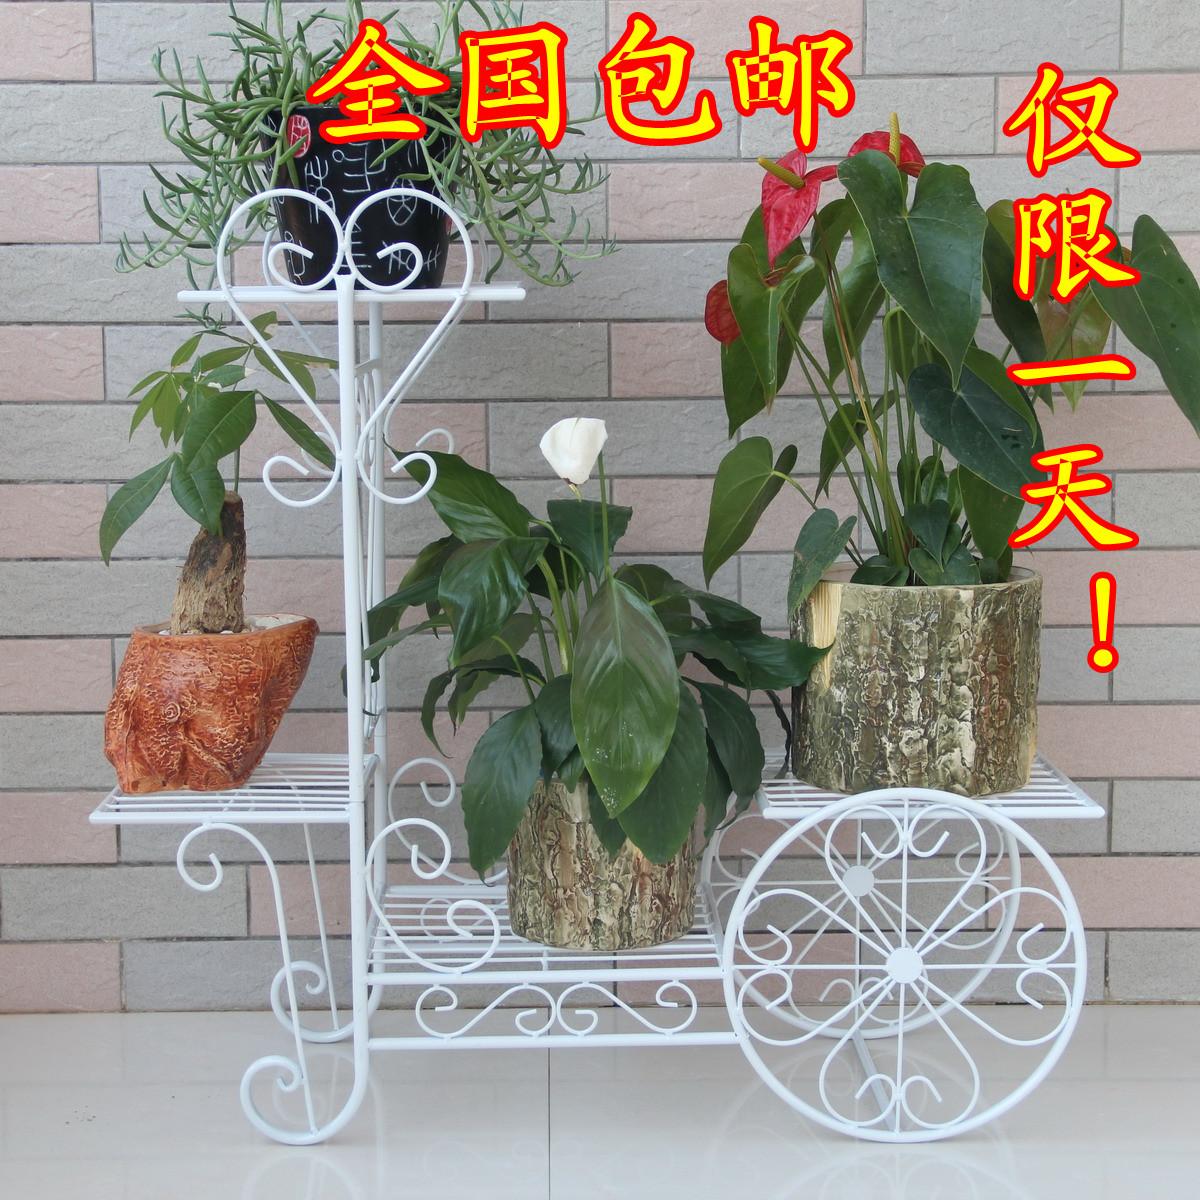 铁艺花架图片_急求铁艺花架技术师傅图片